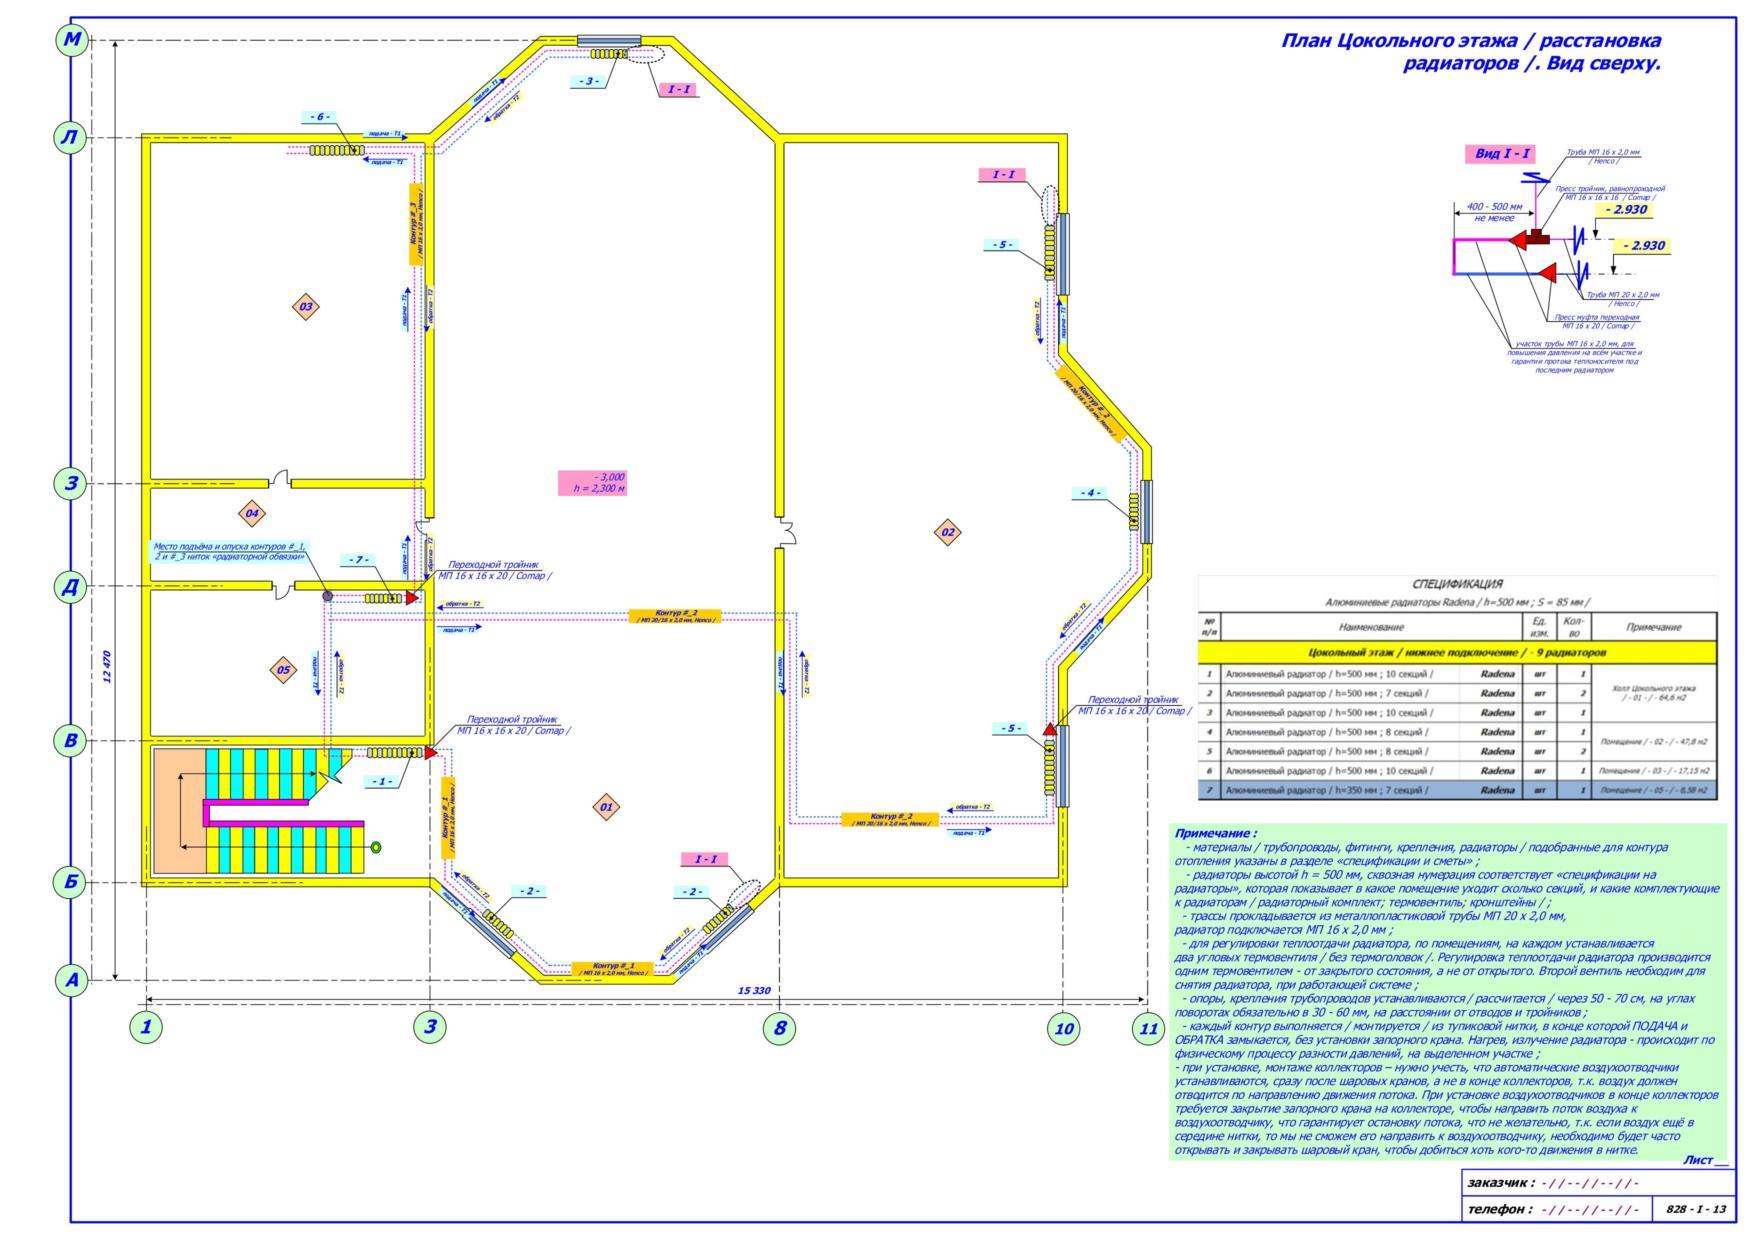 схема работы гидроаккумулятора отопления на 2000 литров